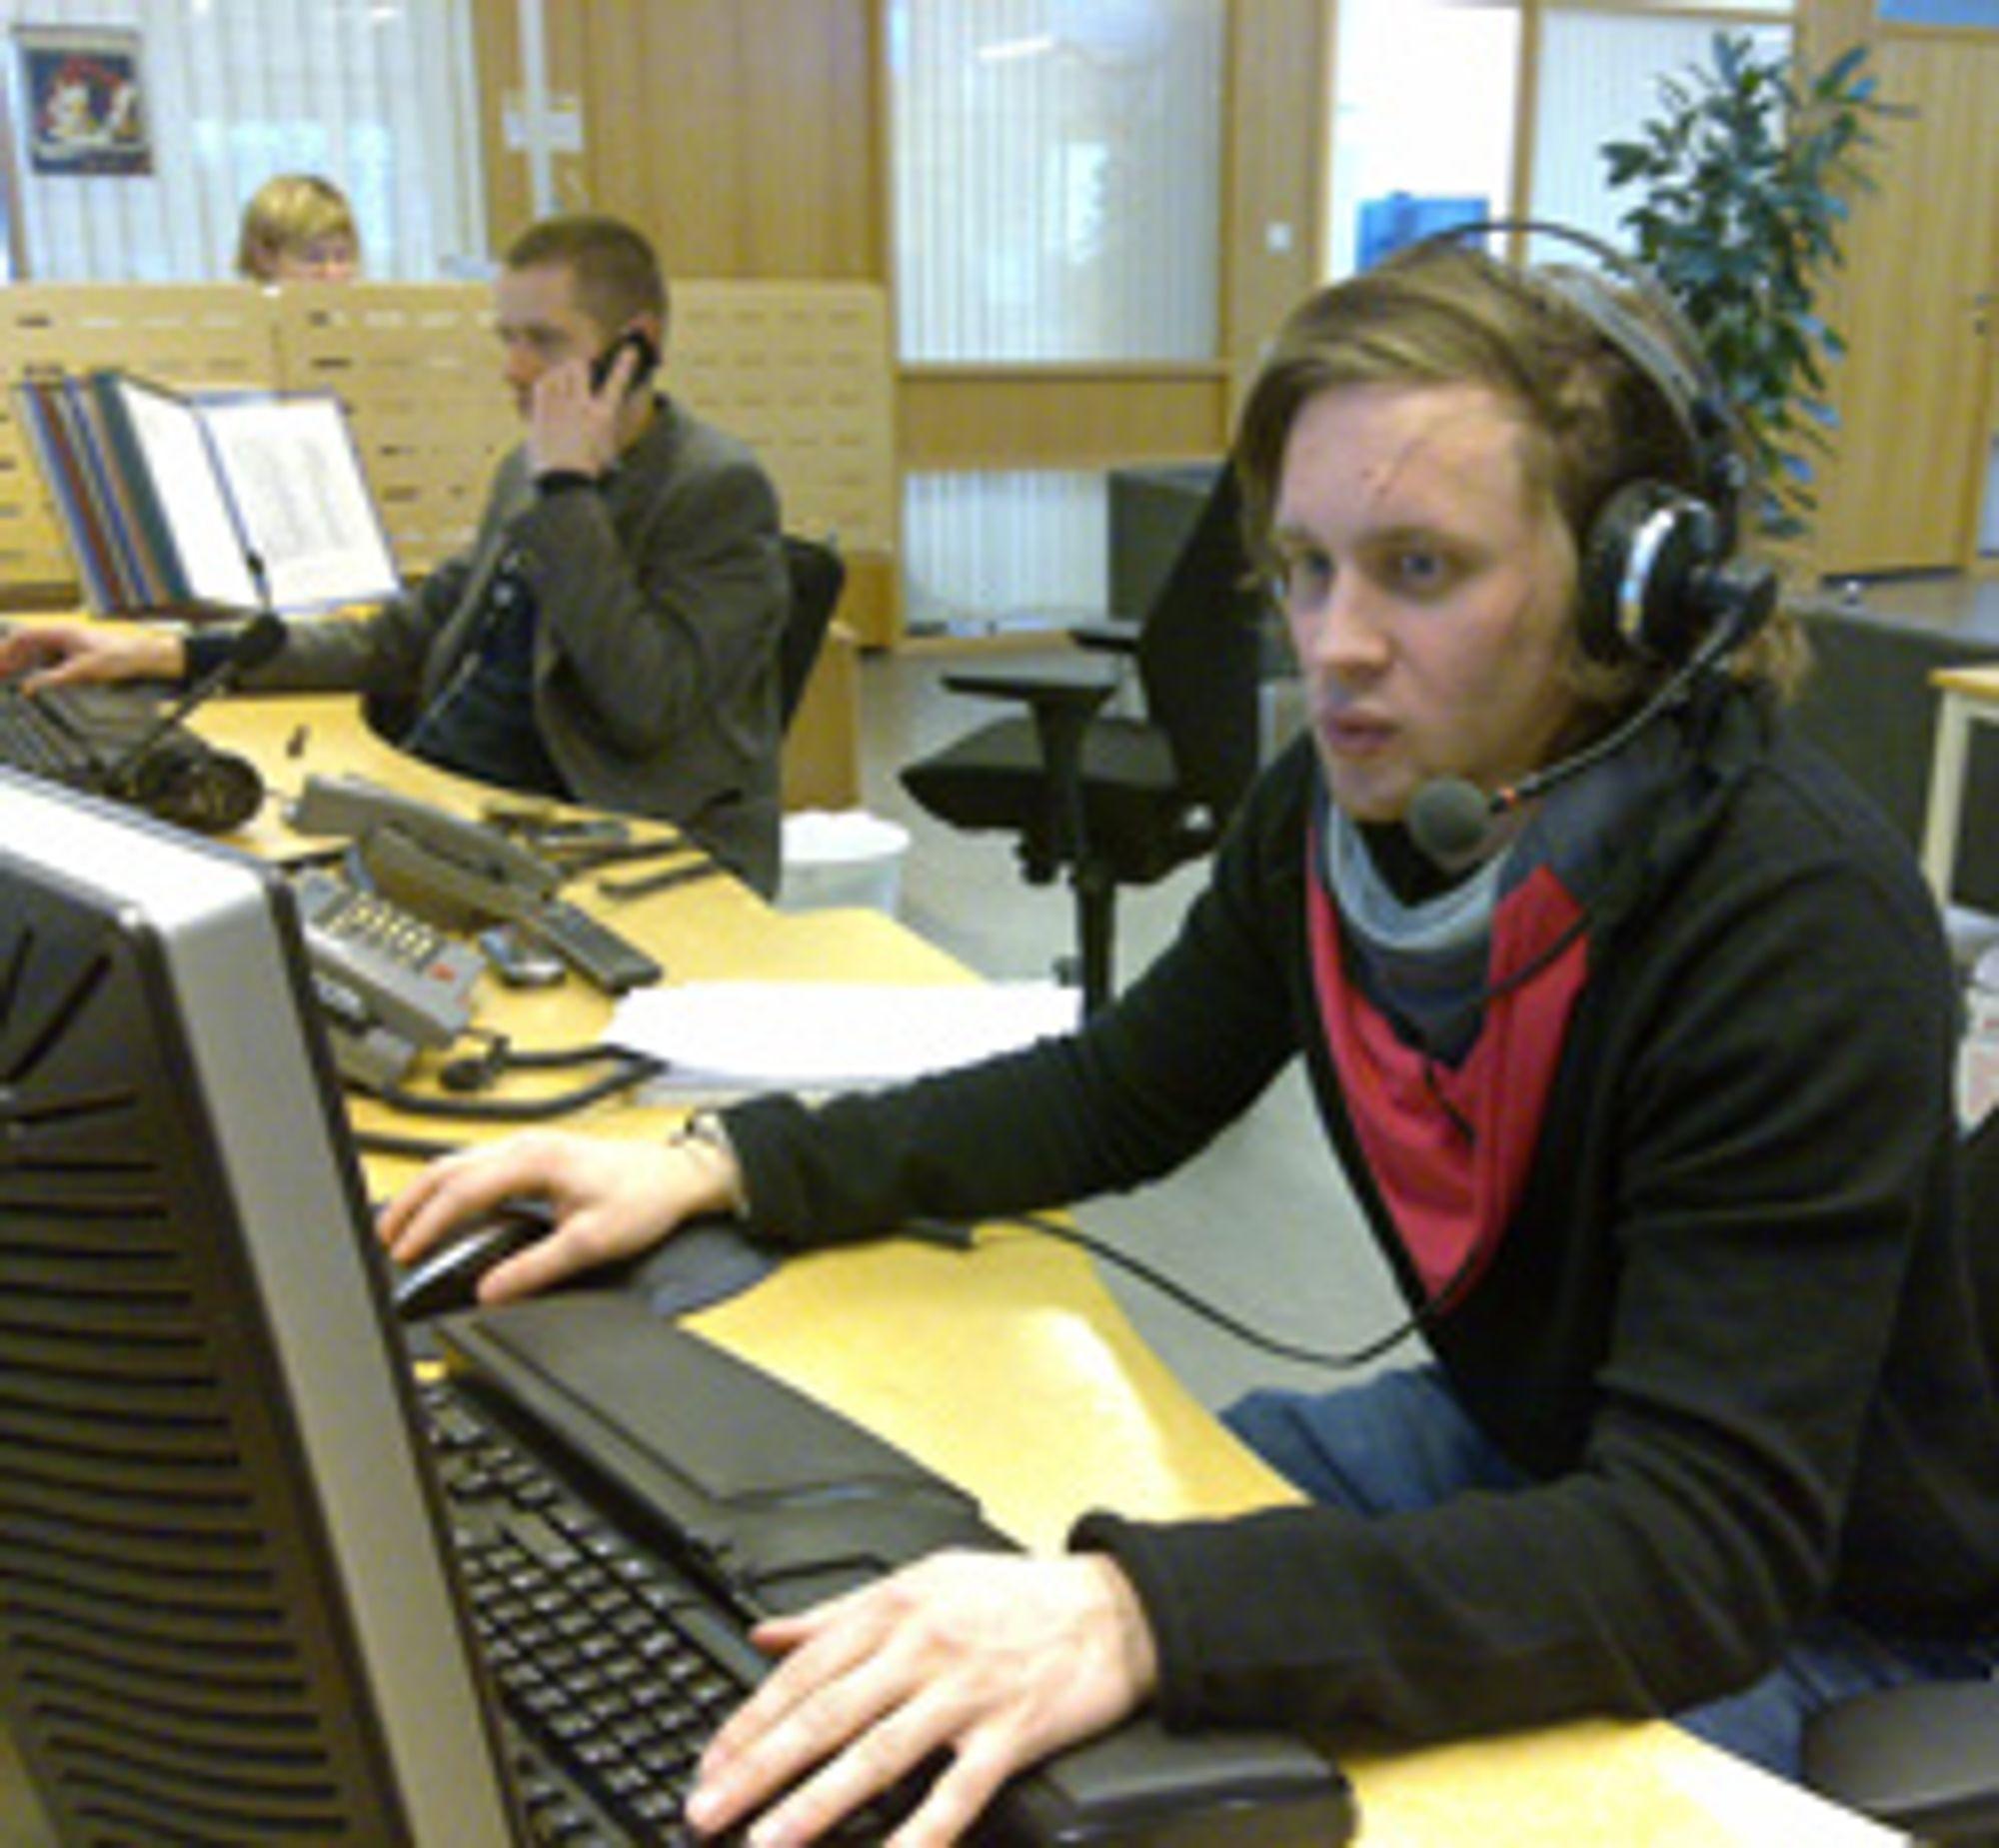 William F. Sande i NRK Trafikk. (Foto: Bjarte Johannesen / NRK)